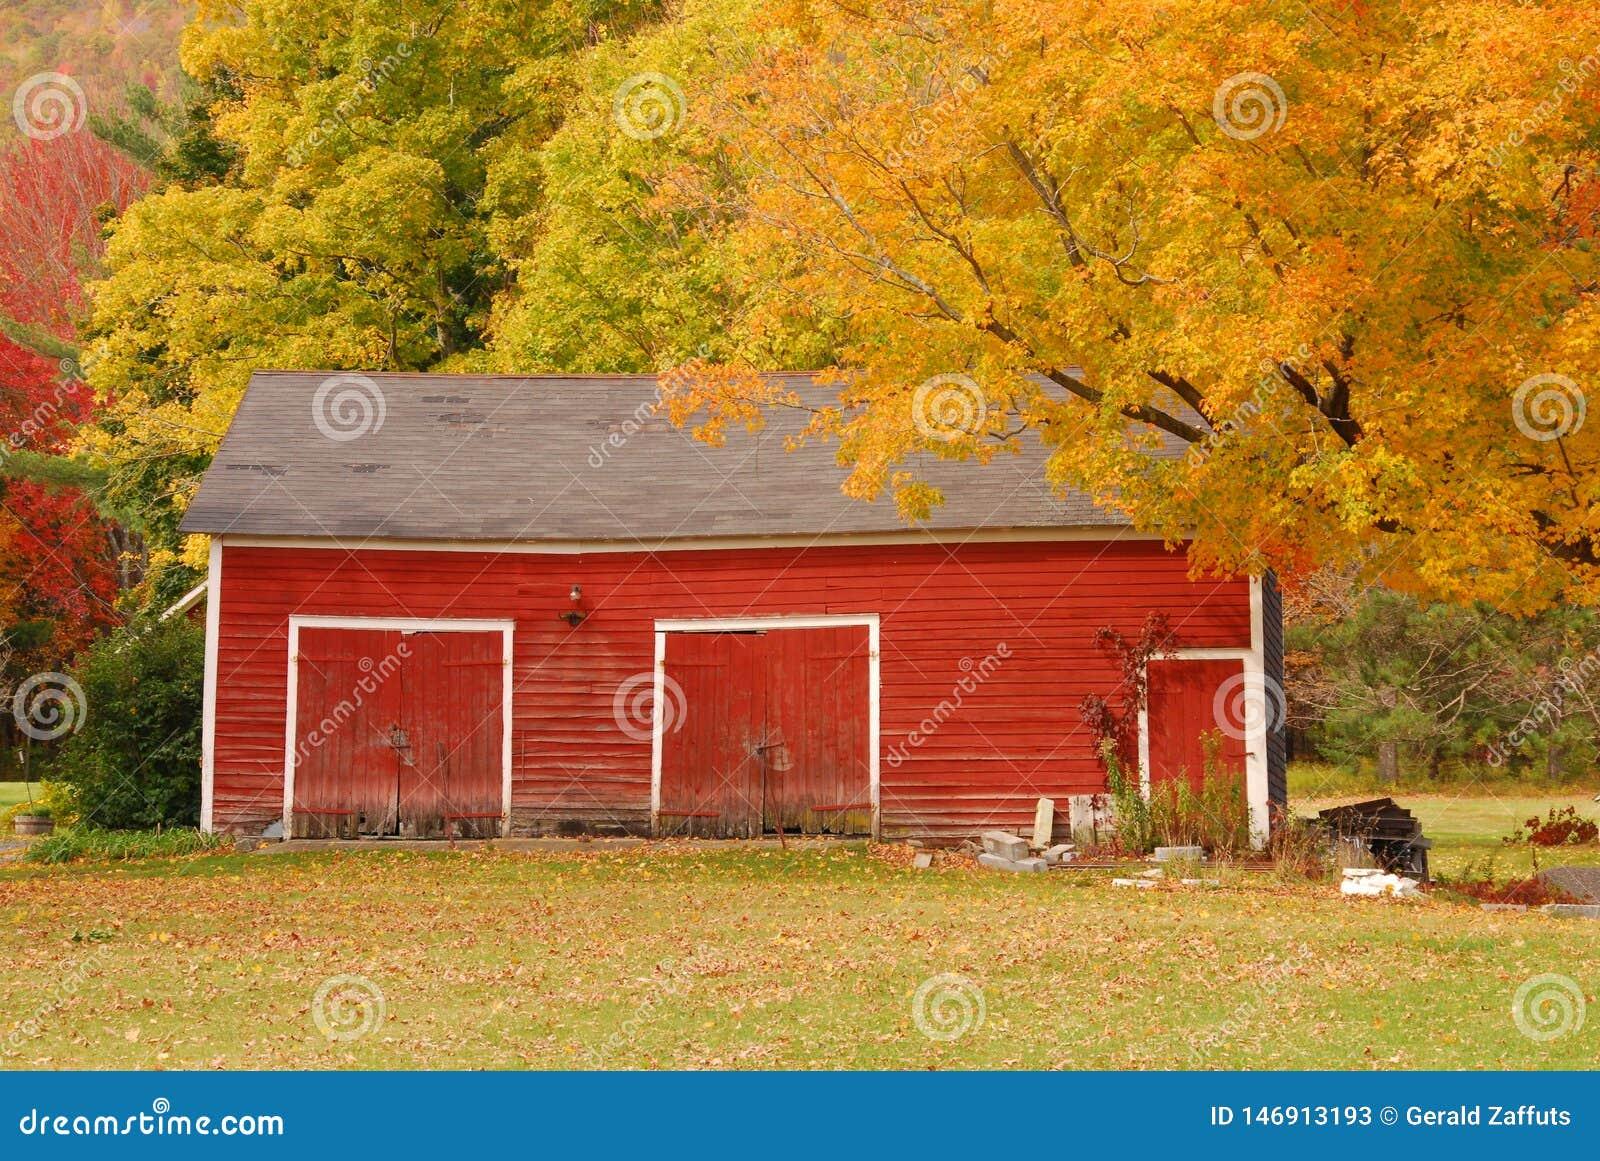 Czerwona Nowa Anglia stajnia w jesieni z kolorowymi liśćmi